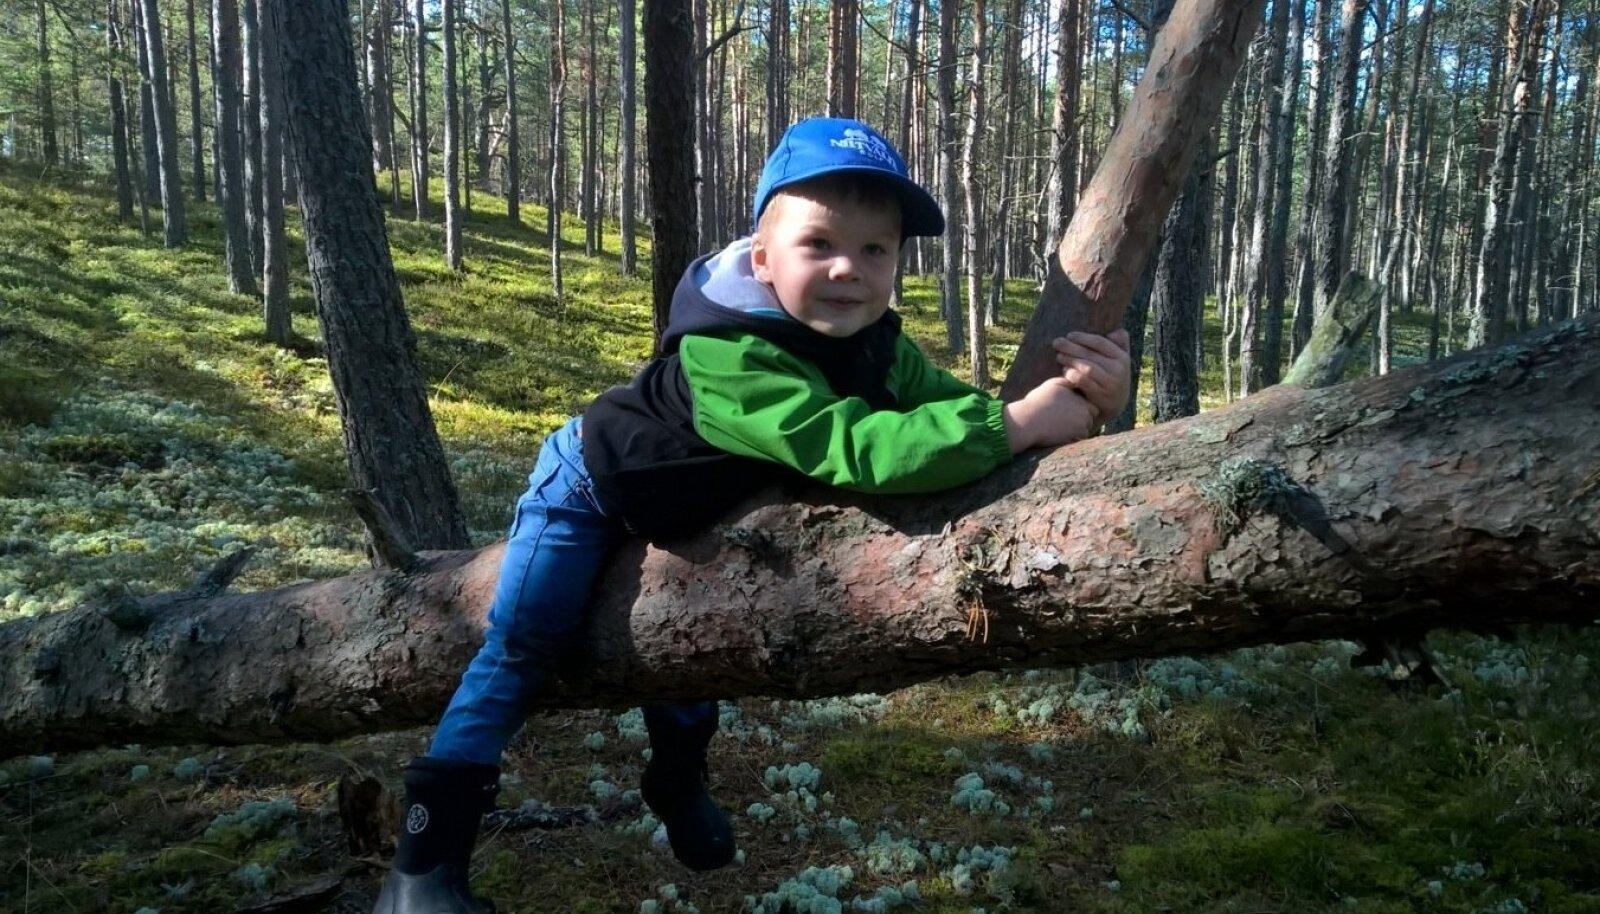 2015. aasta septembris Lohusalu metsas. Lohusalus on Küttimite pere suvila. Vanemate sõnul meeldis Paul Mortenile väga looduses olla, vabalt joosta, puude otsa ronida ning uurida taimi ja putukaid. Kui tema käest küsiti, mida ta teha tahab, vastas ta sage